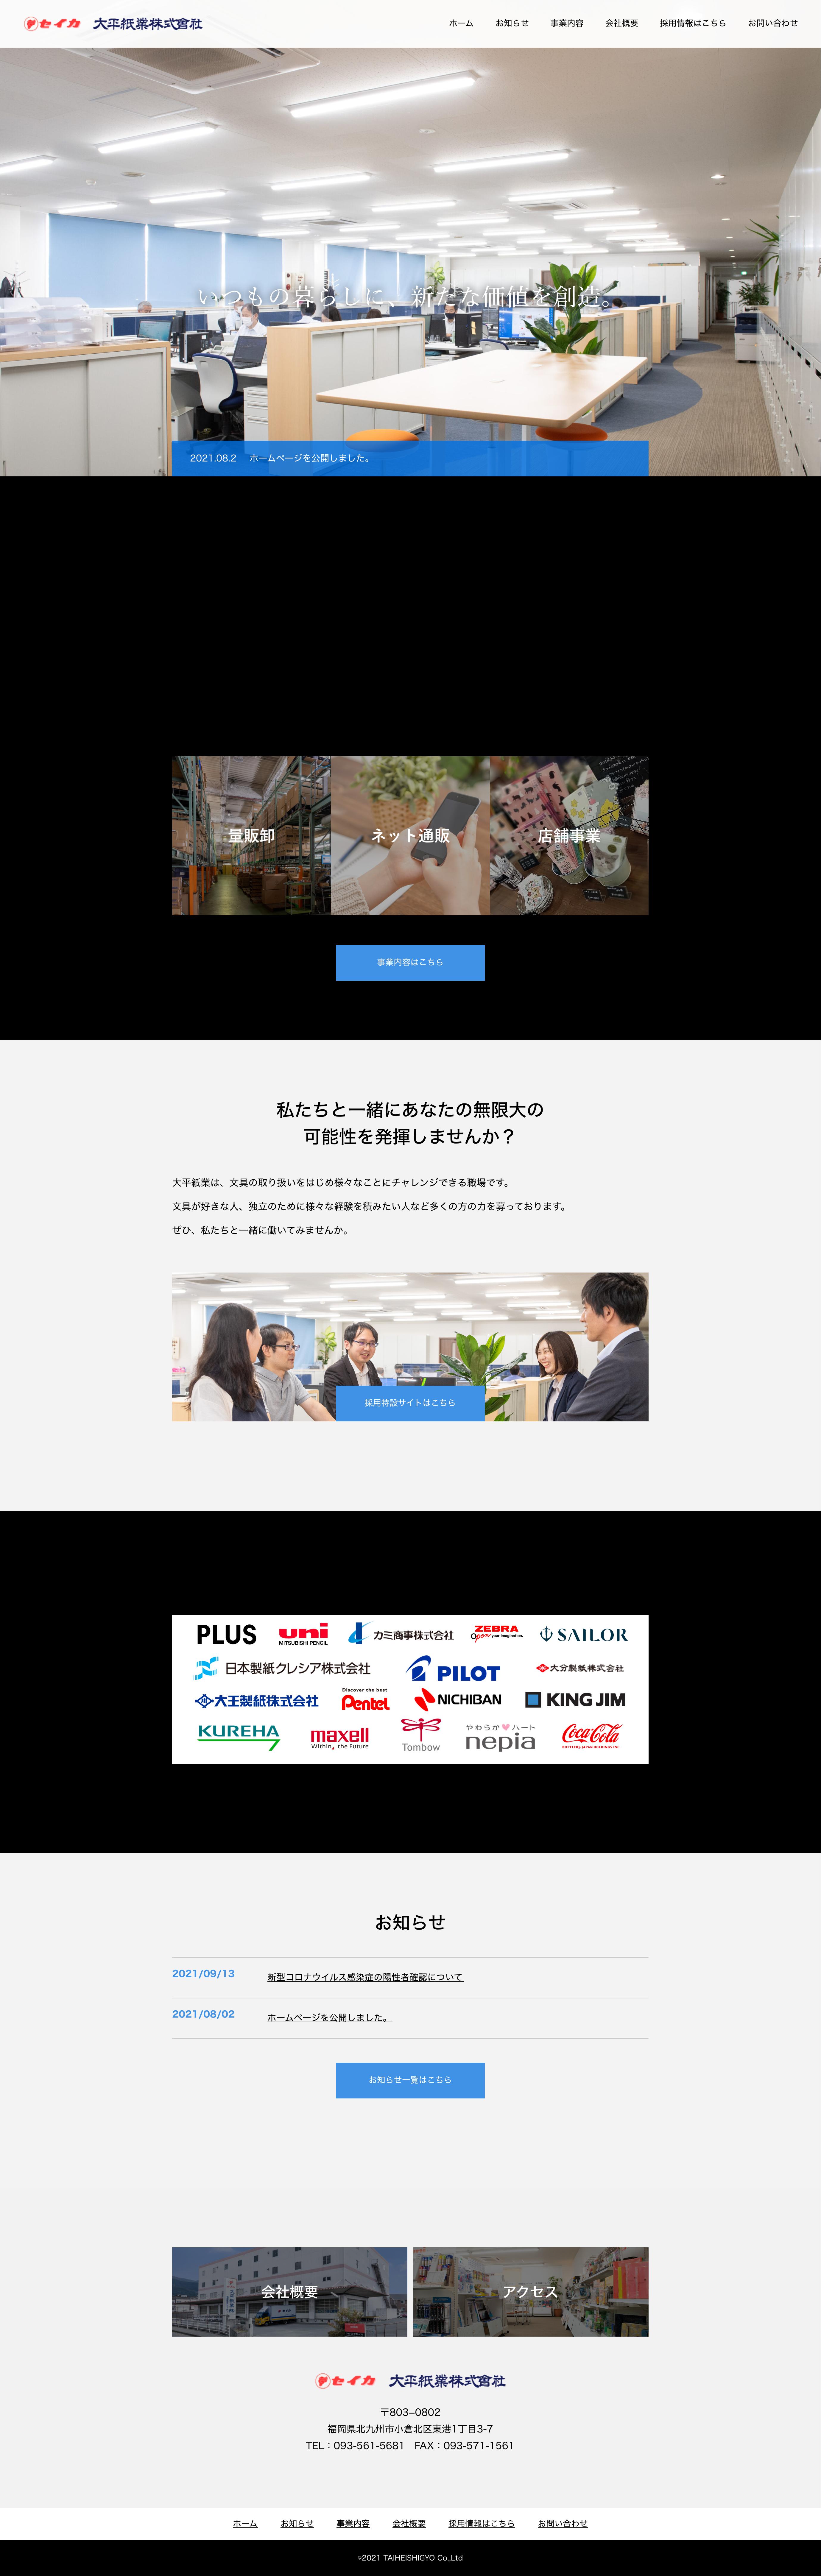 大平紙業株式会社様 PC画像